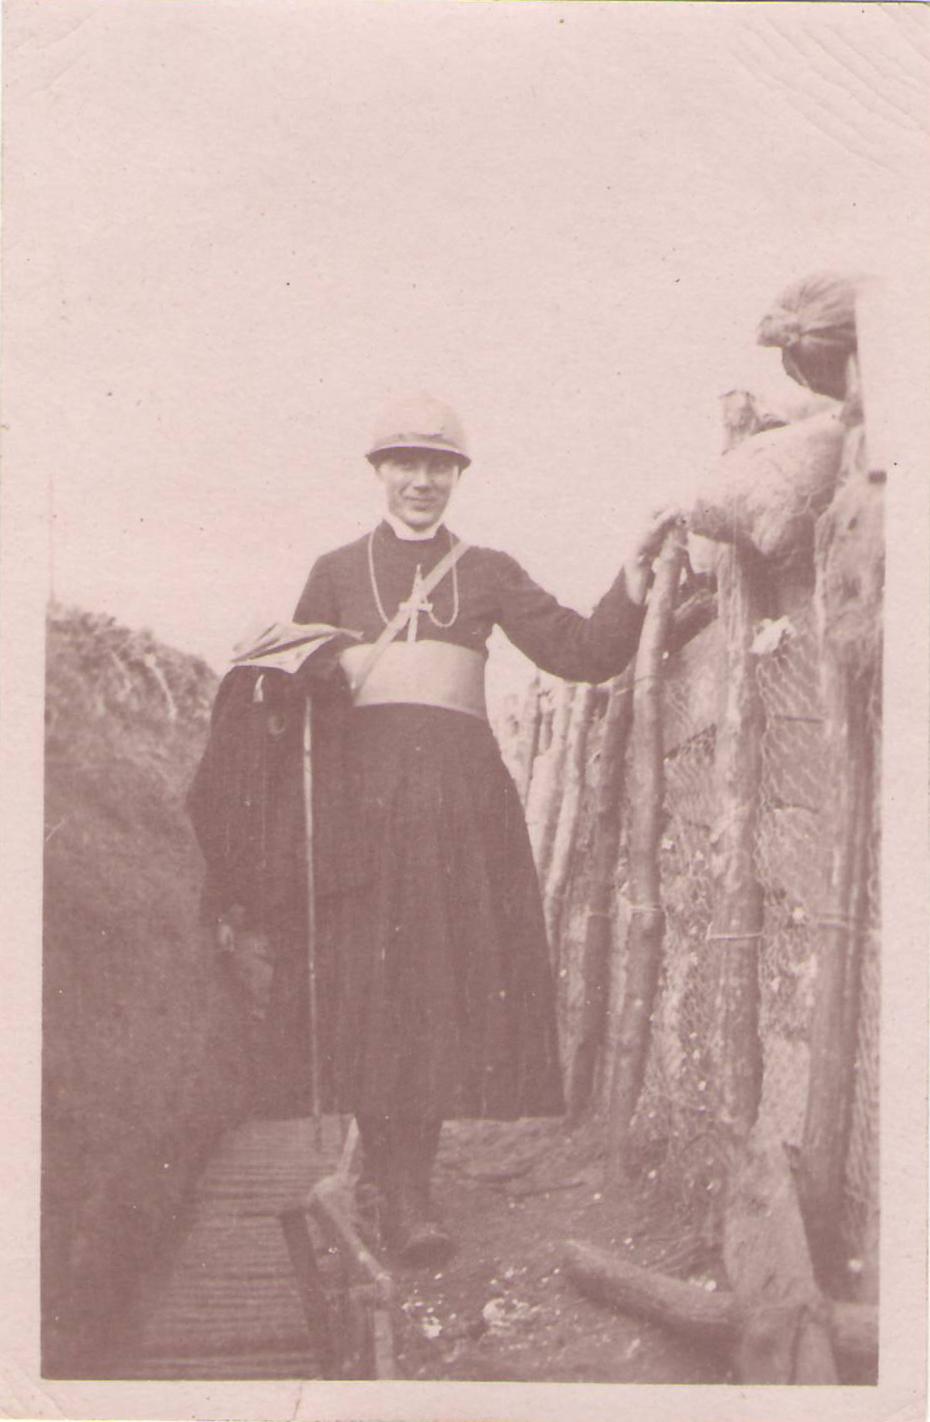 Messe du souvenir en ce 11 novembre 2017 – Ce que recommandait Mgr de Llobet en 1917